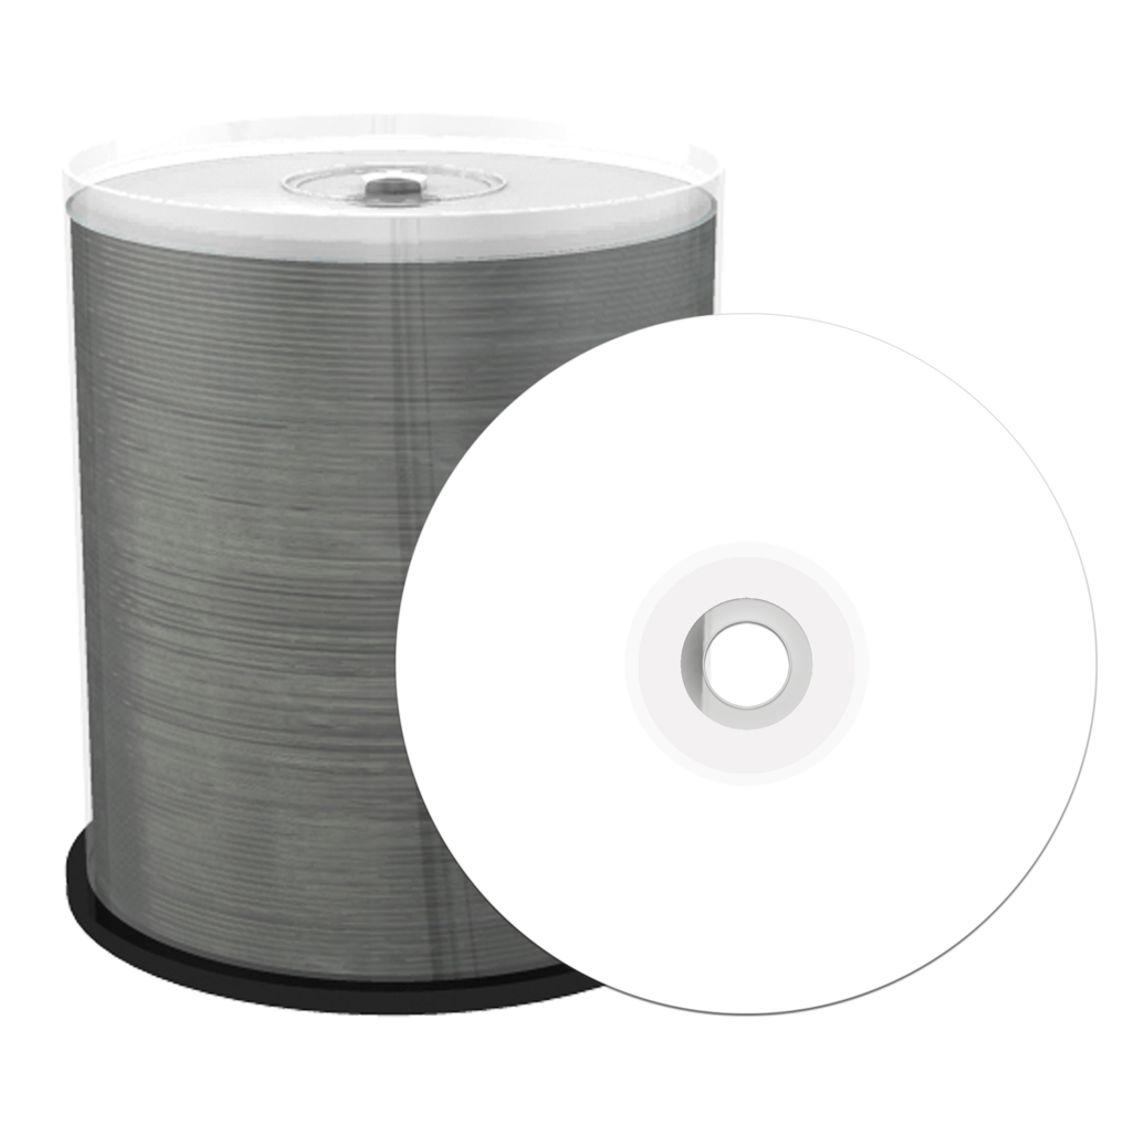 MR DVD-R 4.7GB 120min 16x - Cake 100, inkjet fullsurface printable, - MEDIARANGE 6009